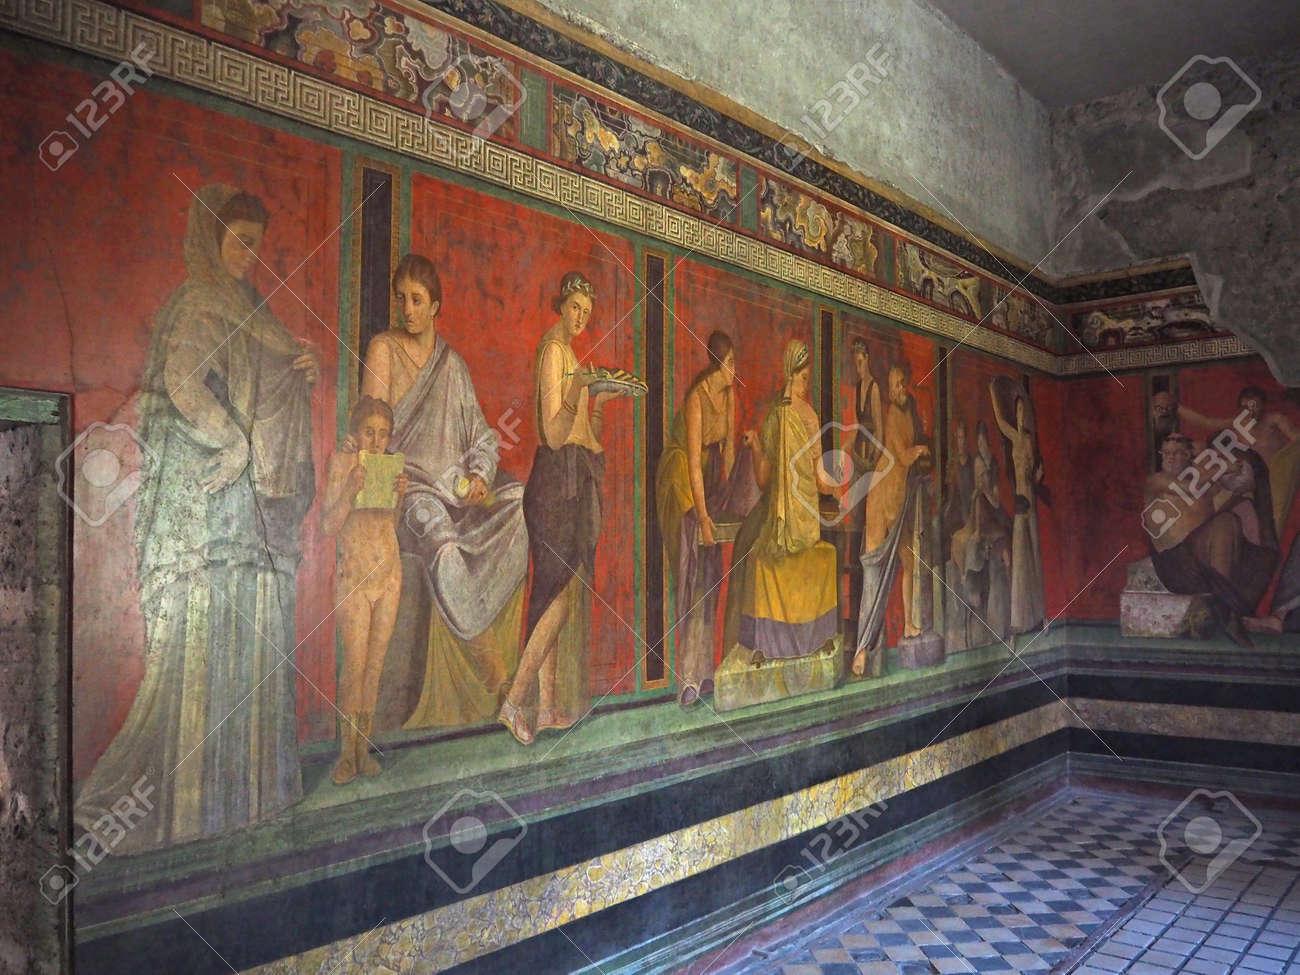 Fresque Murale Dans La Maison De Pompéi Villa Des Mystères Avant 79 Ce